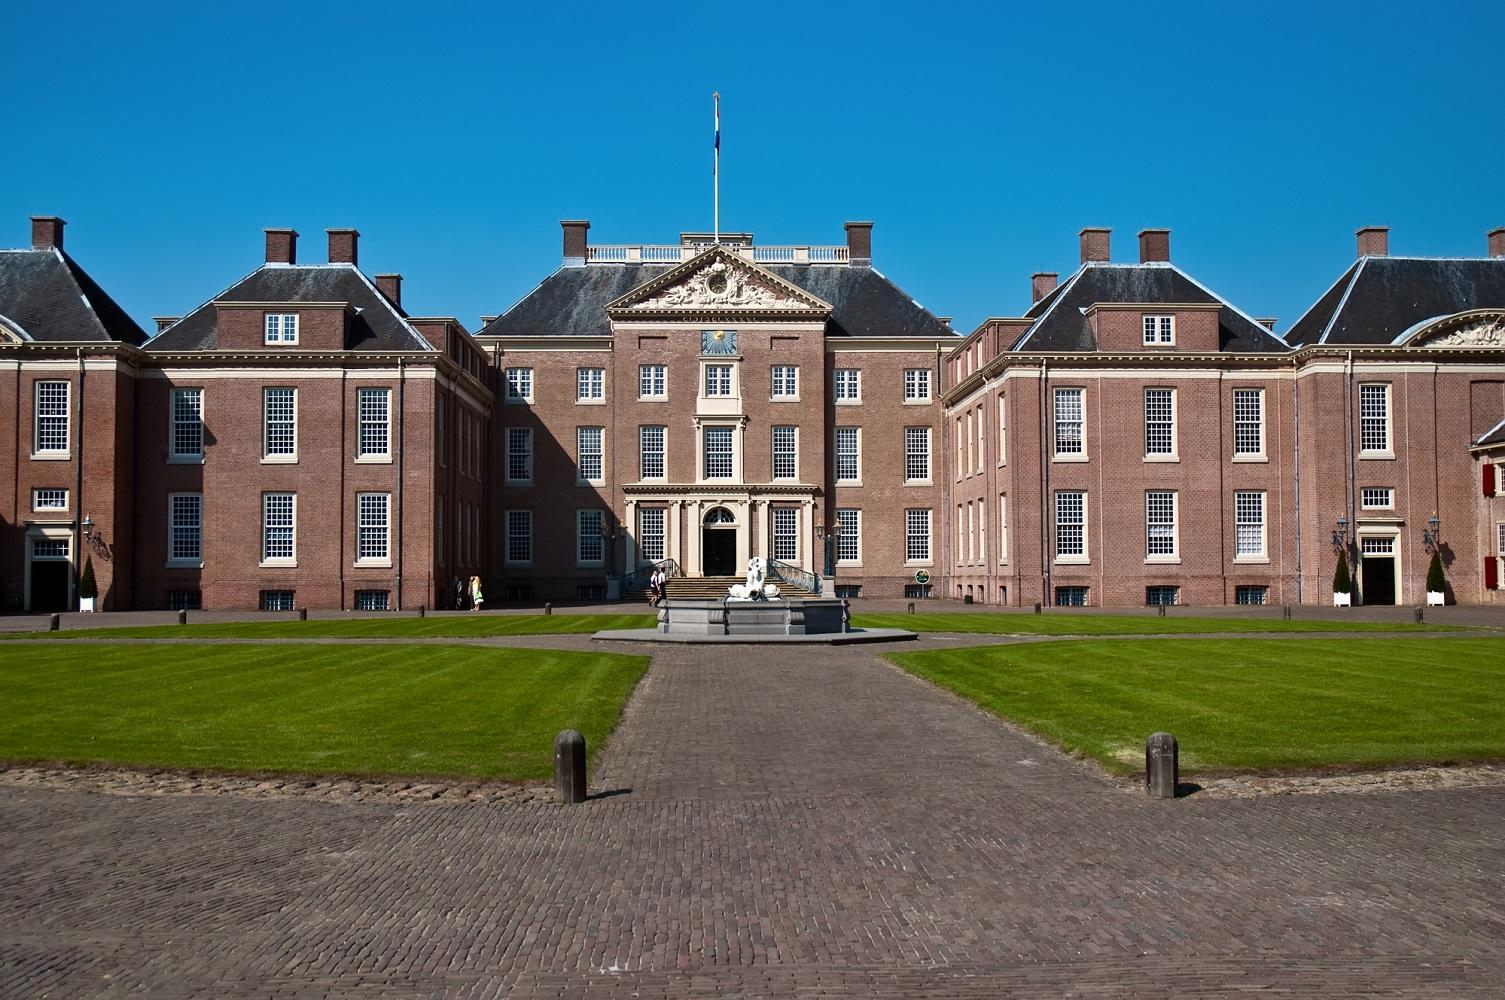 Historical landmarks in the Netherlands: Paleis Het Loo